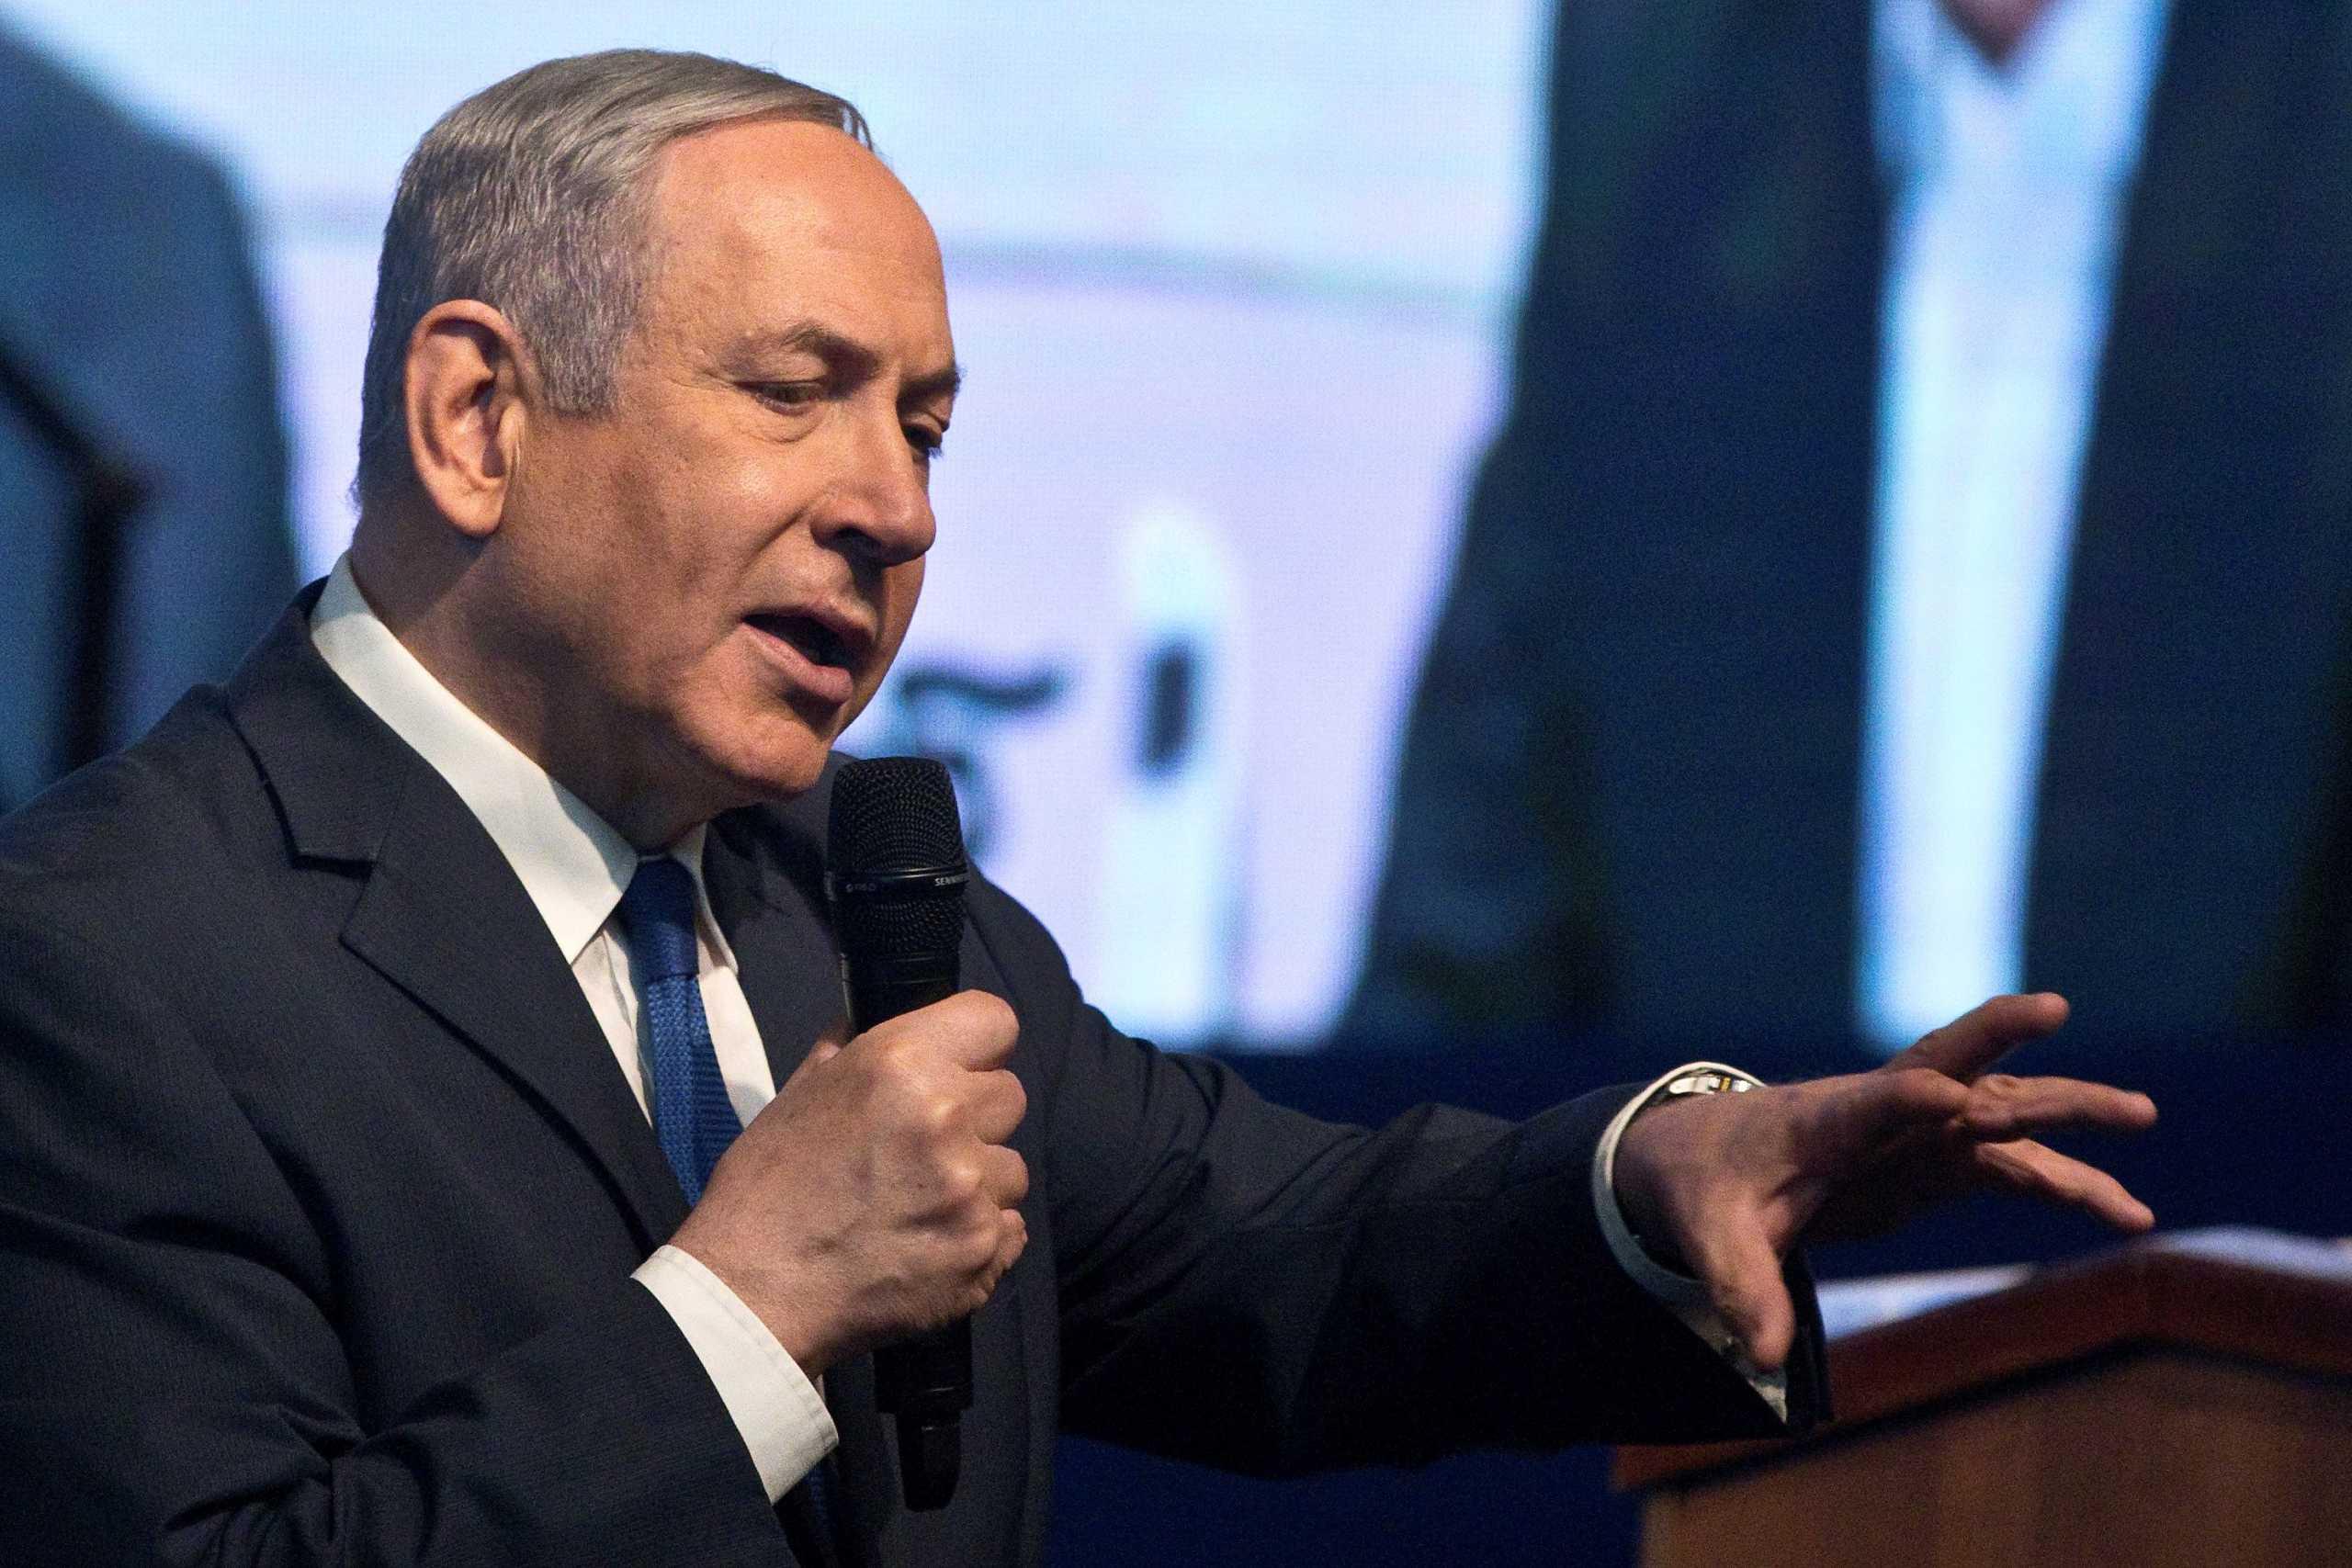 Ισραήλ: Προσάρτηση τμημάτων της Δυτικής Όχθης υπόσχεται ο Νετανιάχου αν επανεκλέγει